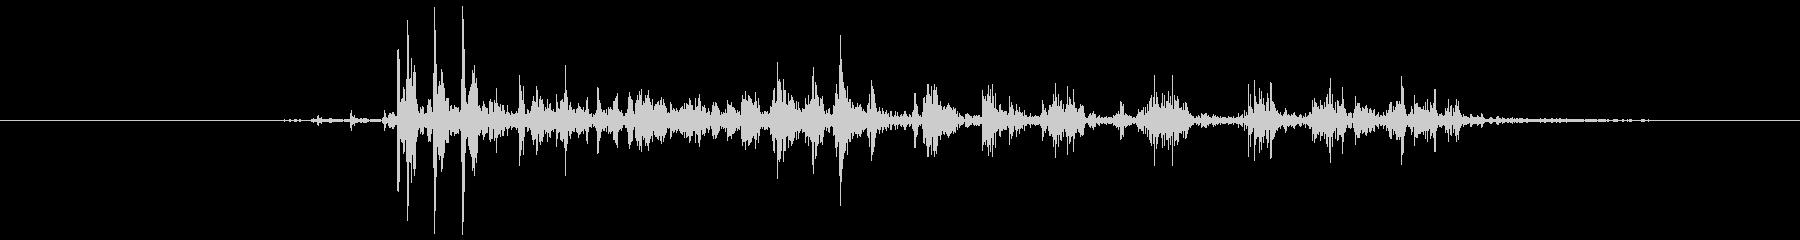 サーマルラベルプリンター:引き裂き...の未再生の波形